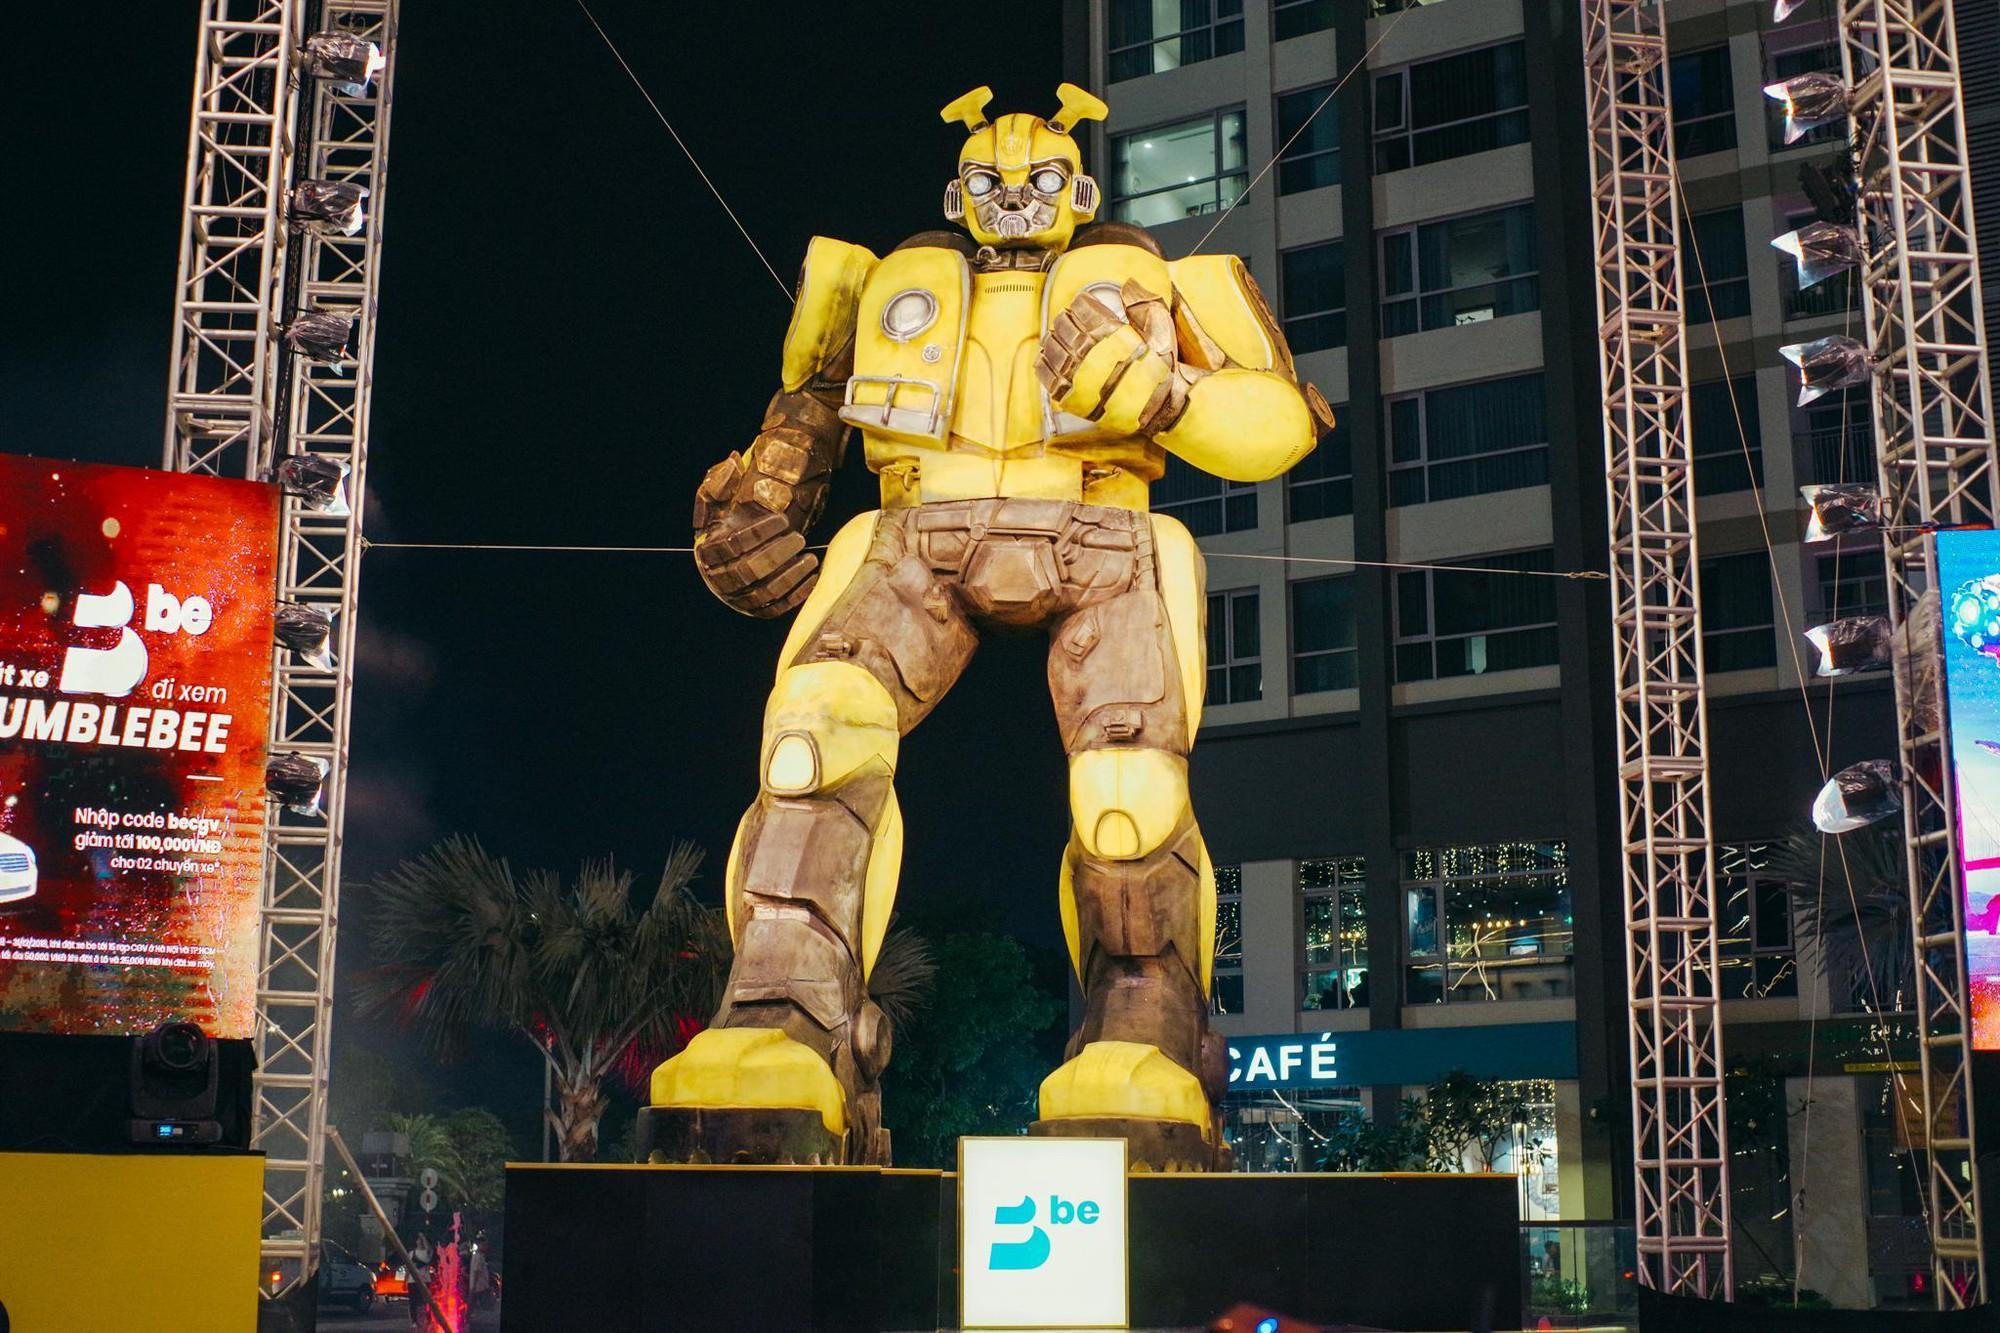 Choáng ngợp với mô hình Bumblebee lớn nhất tại Việt Nam - Ảnh 8.